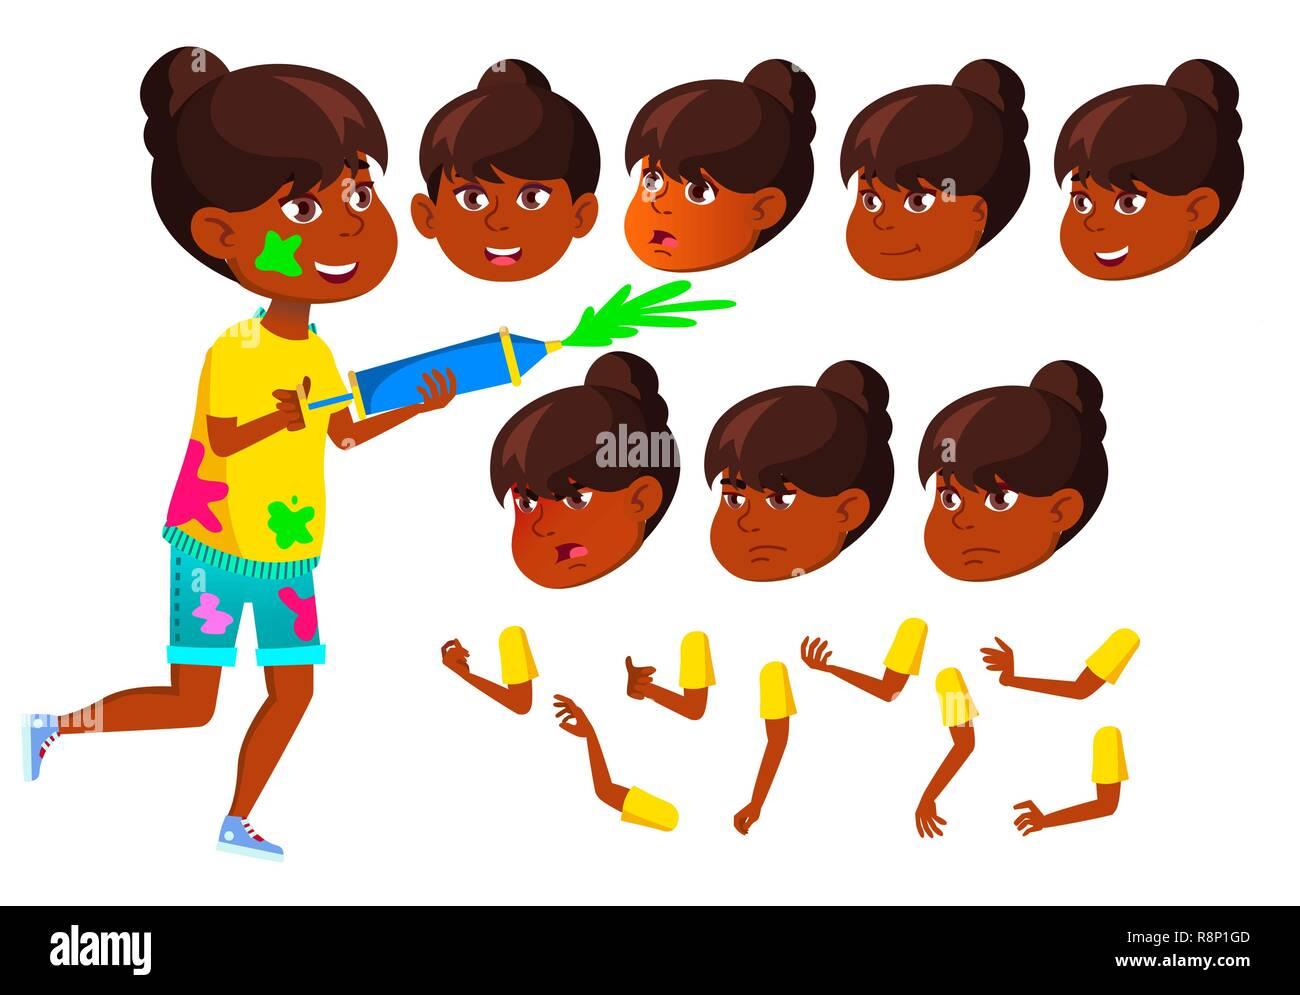 Asian Kerl, der indisches Mädchen